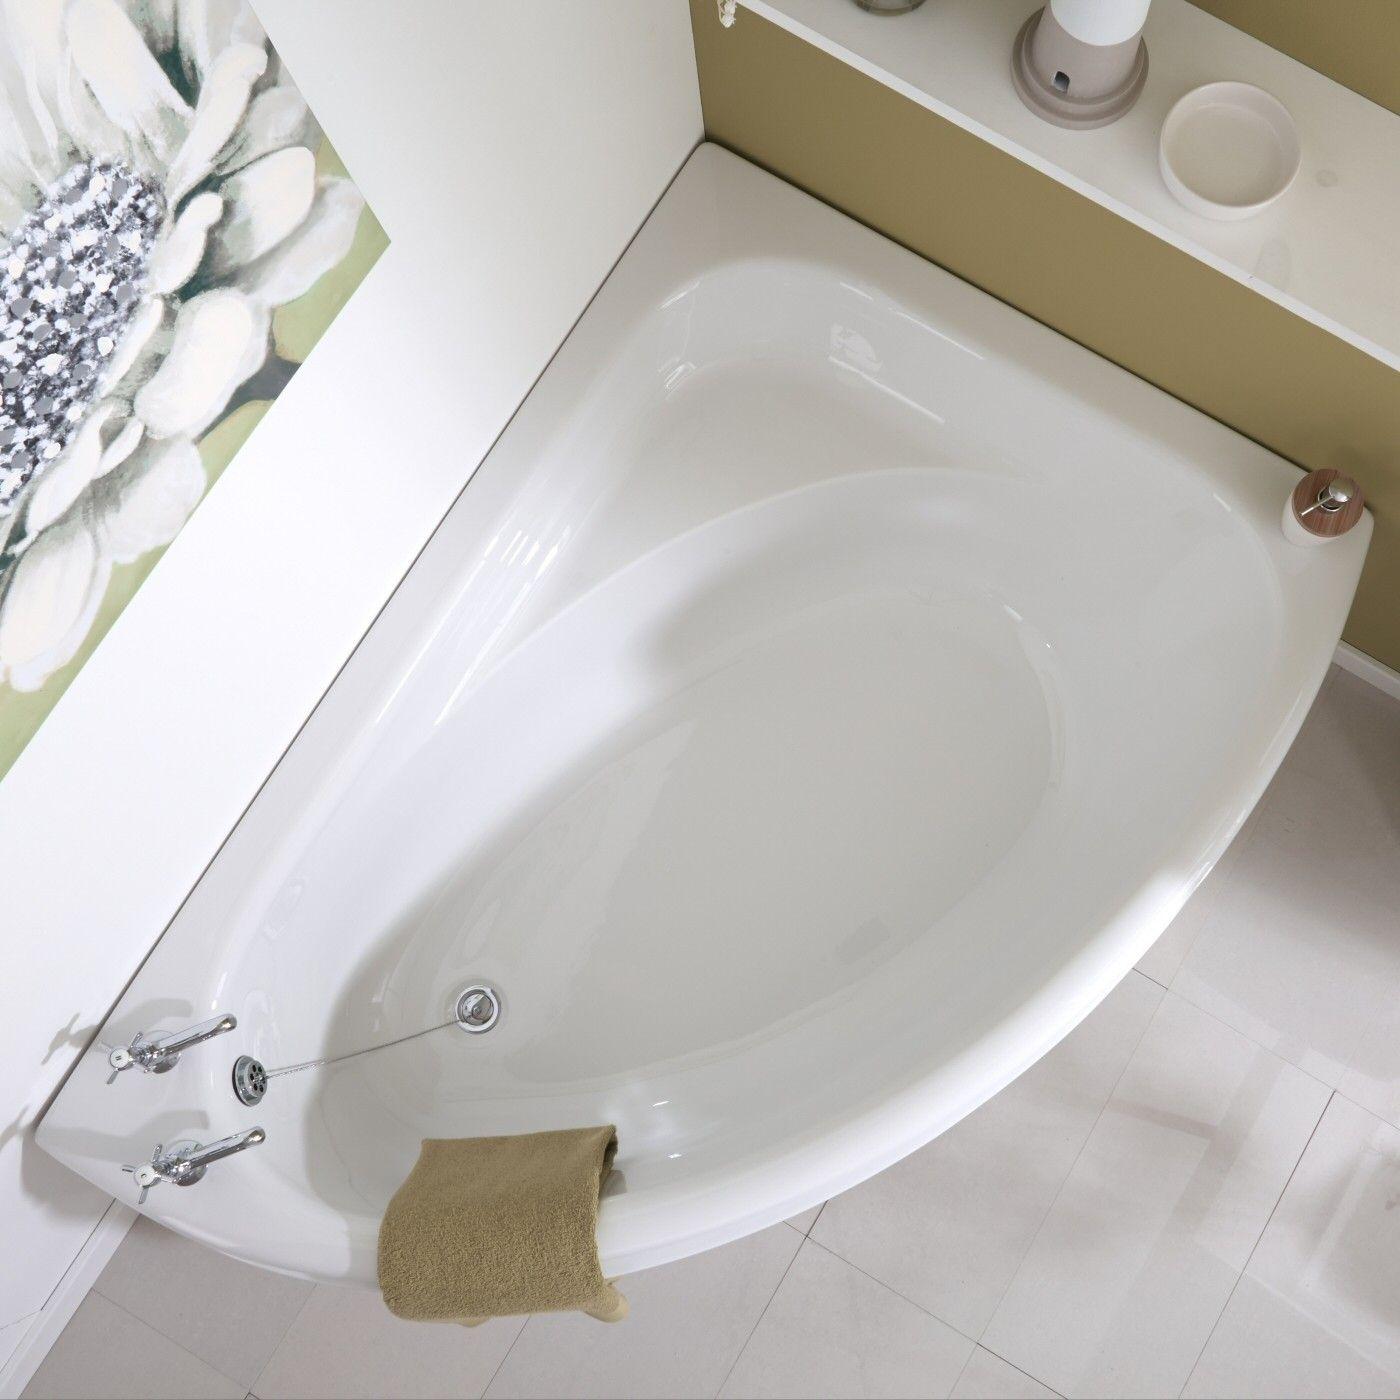 Eckbadewanne Die Wichtigsten Kriterien Der Richtigen Wahl Eckbadewanne Bad Badewanne Dusche Und Eckwanne